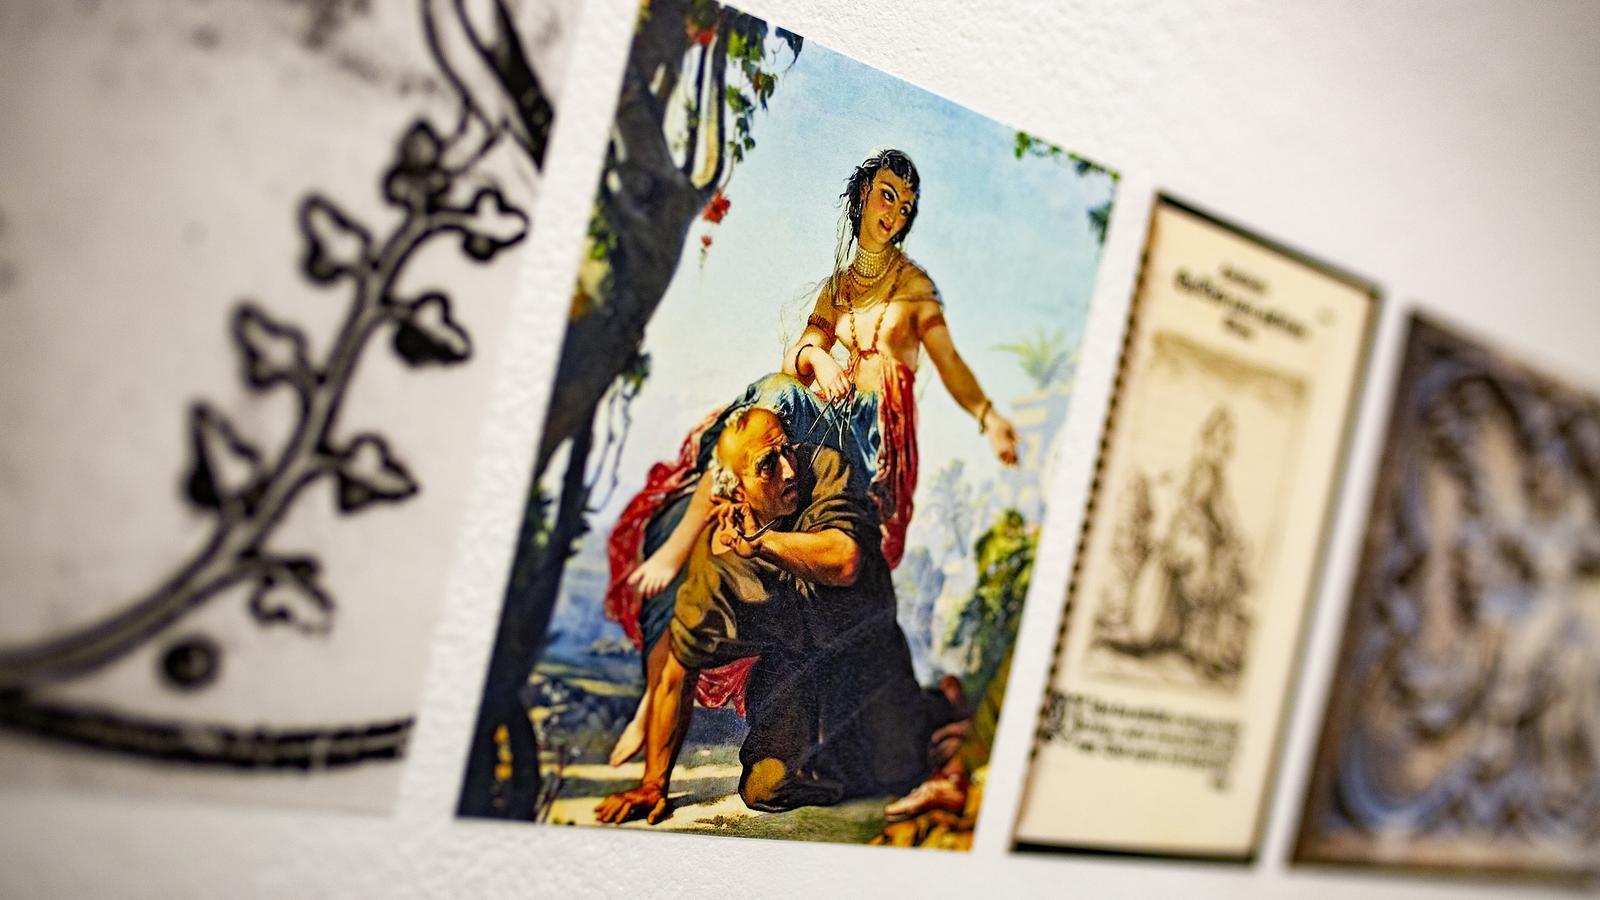 Una de les dones que munta un home a lexposició d'Irene Solà a la galeria Àngels Barcelona 'Hi ha una història d'una dona que'